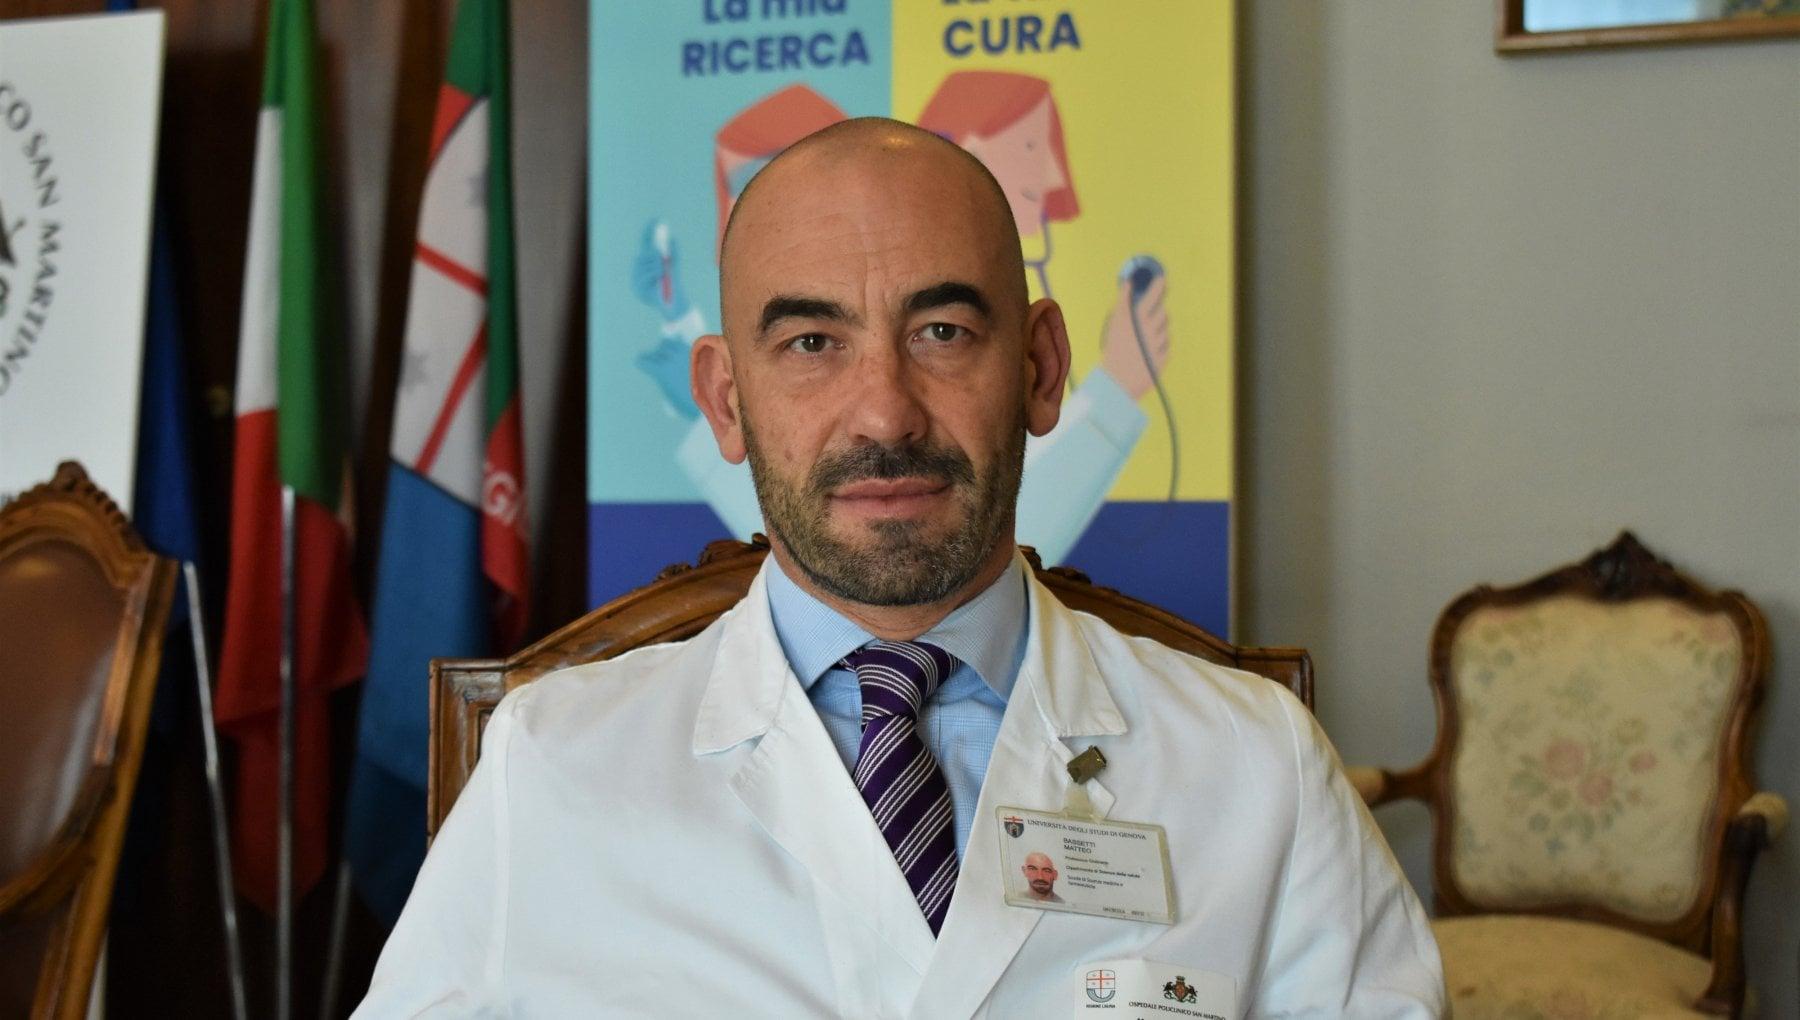 """195354180 96b5d640 a925 4d4e aeb6 651bfd70b2c5 - L'infettivologo Matteo Bassetti: """"I vaccini contro il Covid funzionano tutti e dobbiamo avere il coraggio di riaprire"""""""